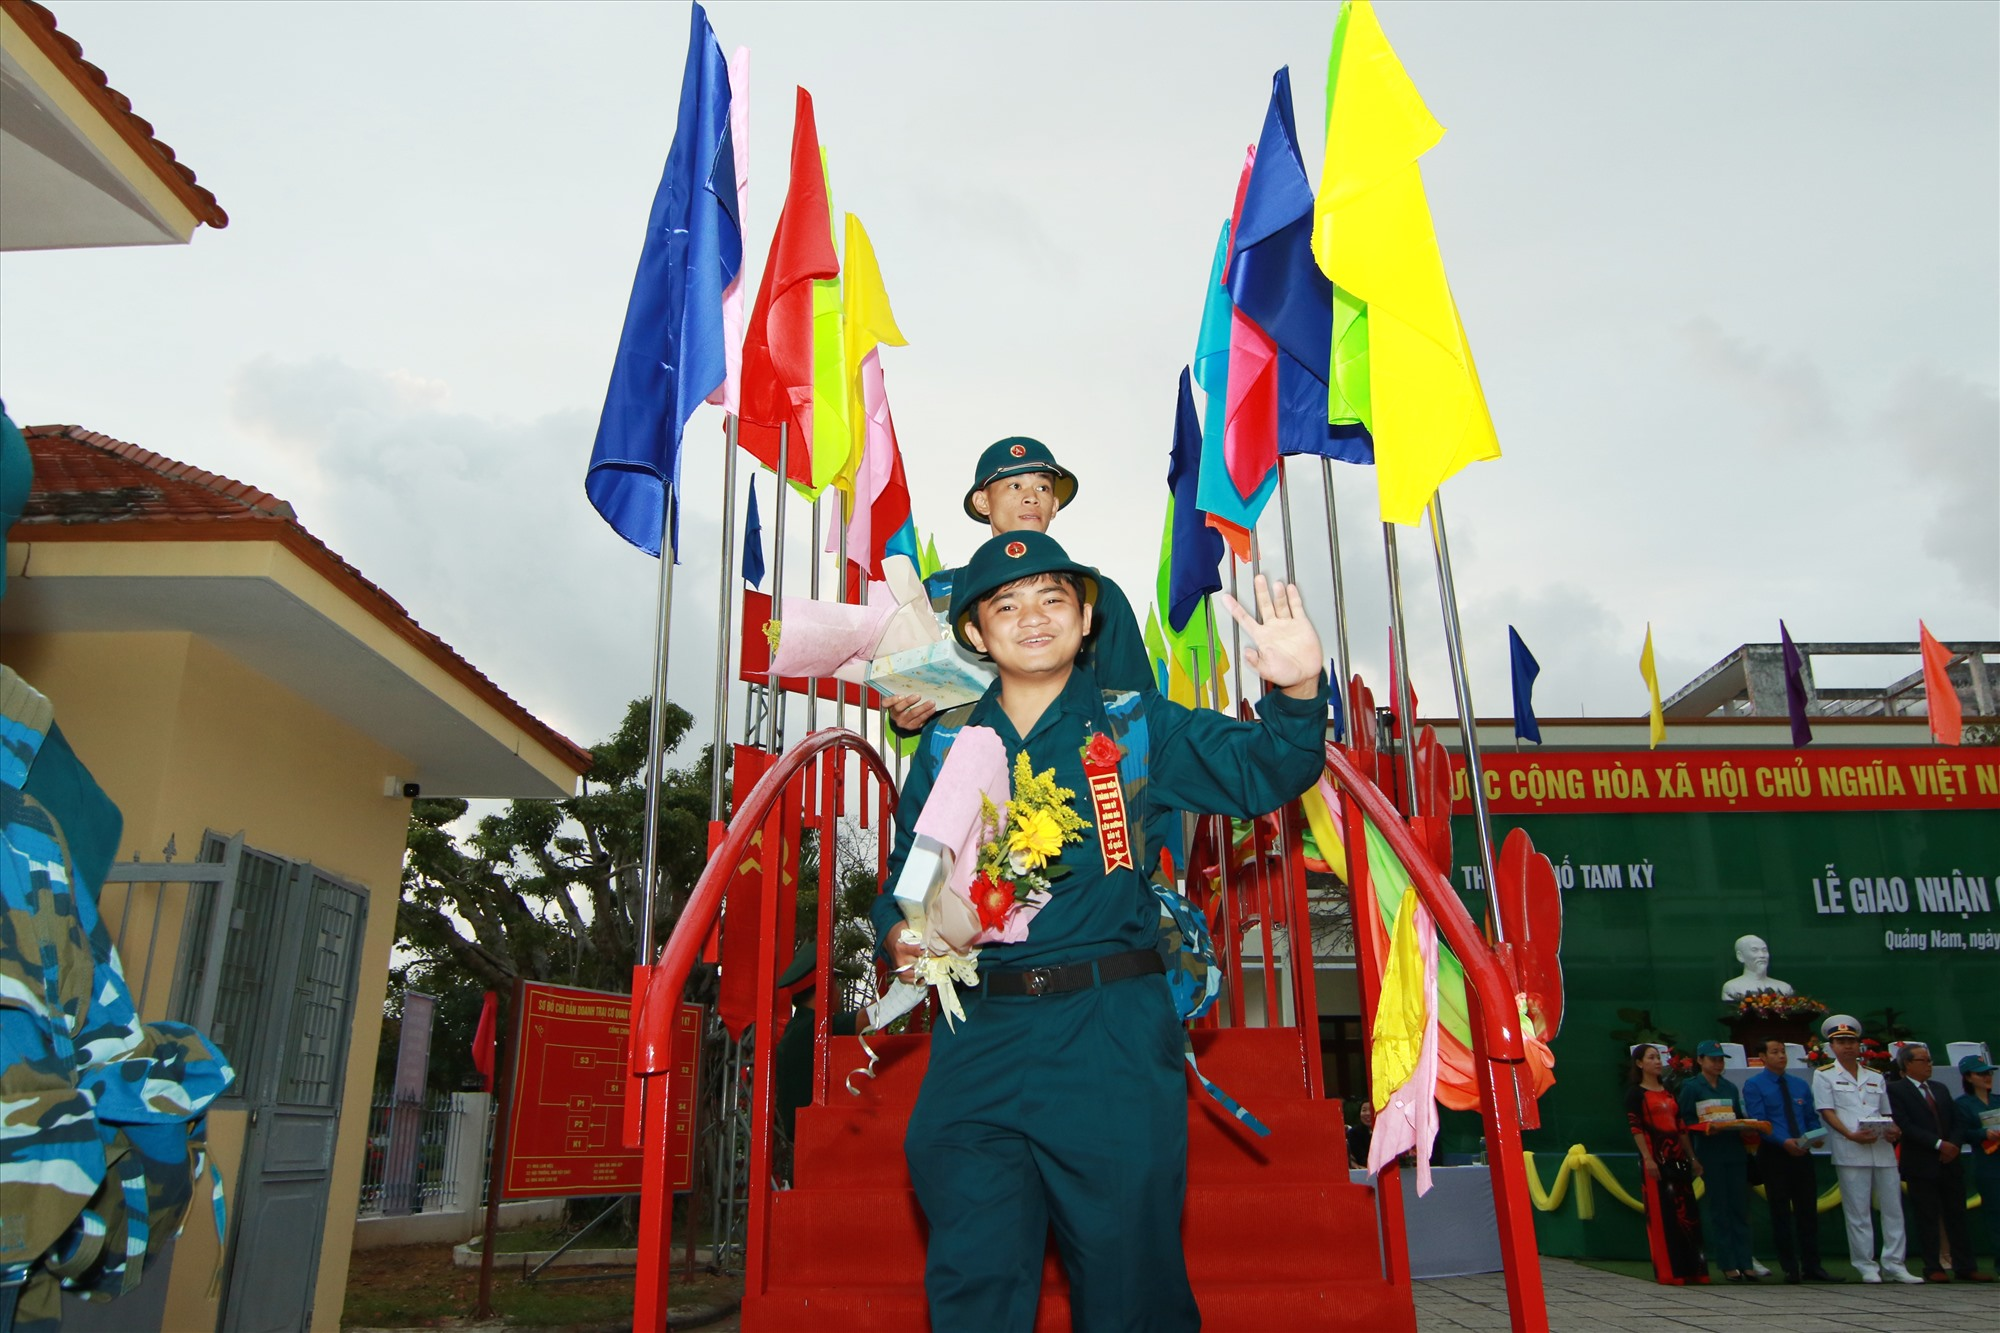 Tân binh bước qua cầu vinh quang lên đường nhập ngũ